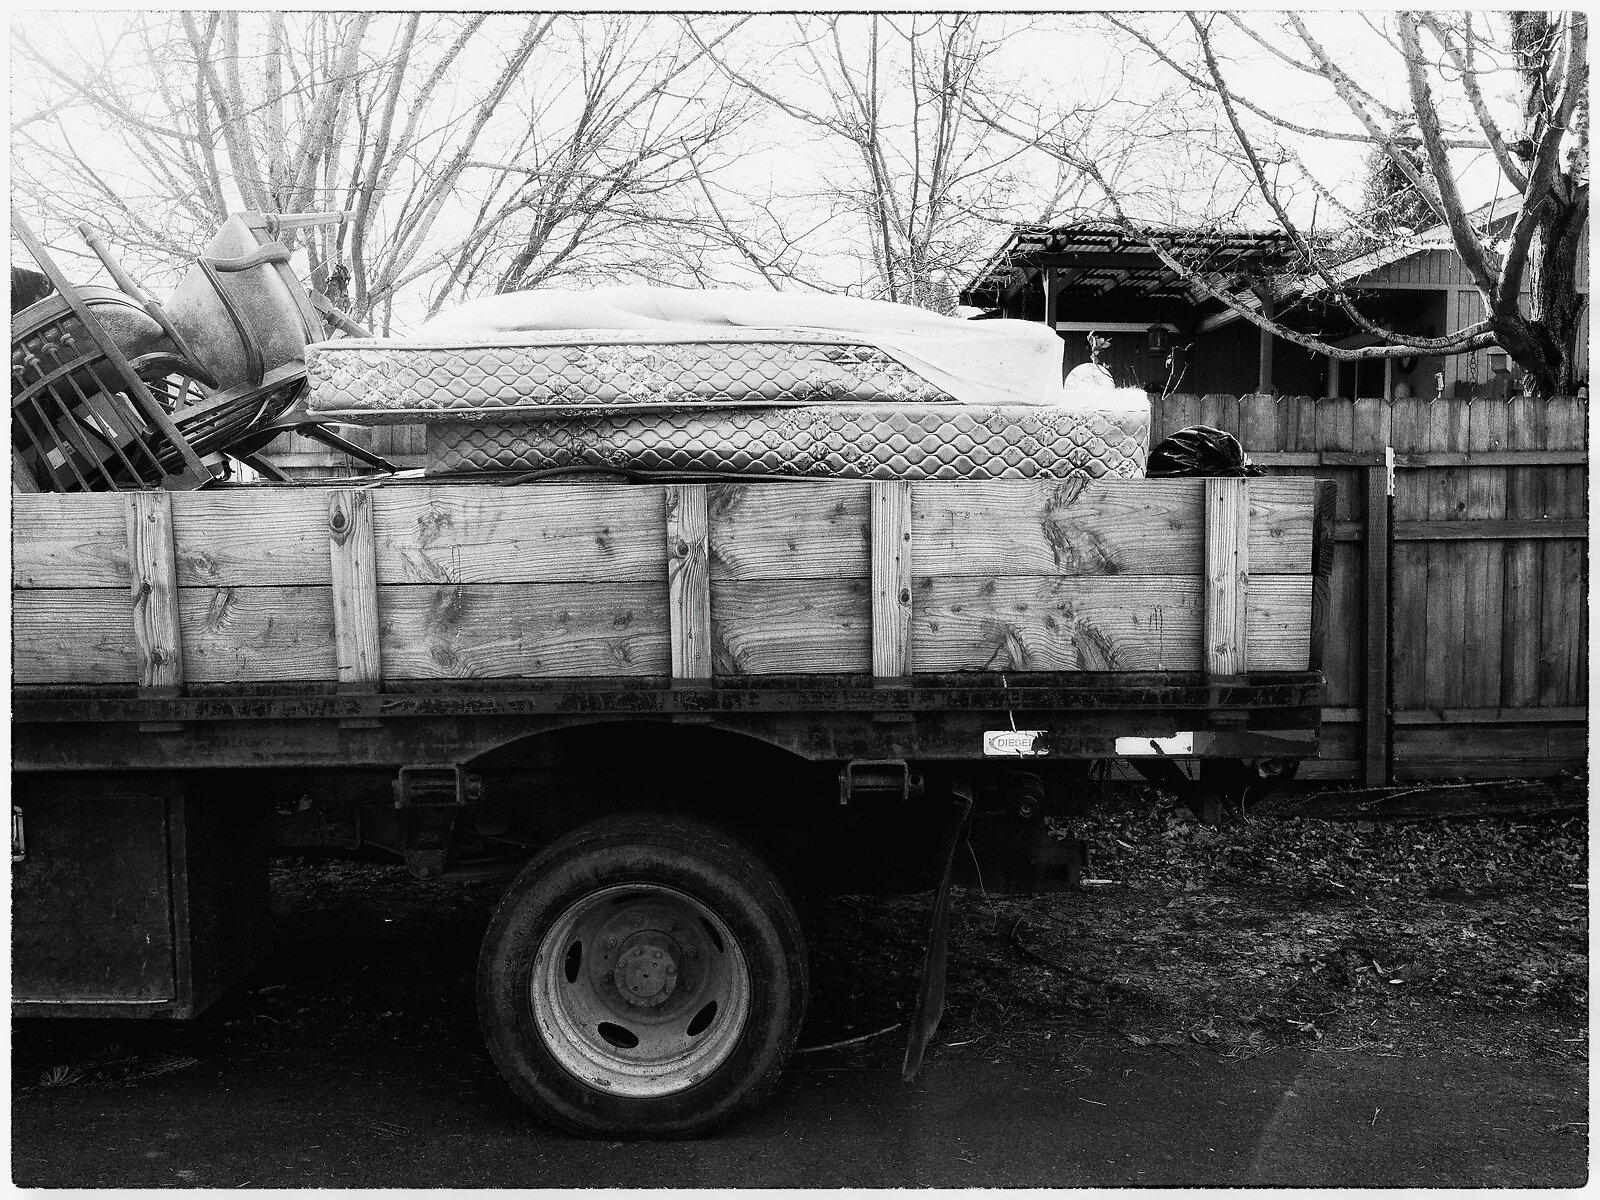 GX9_Feb1_mattresses_in_truck.jpg